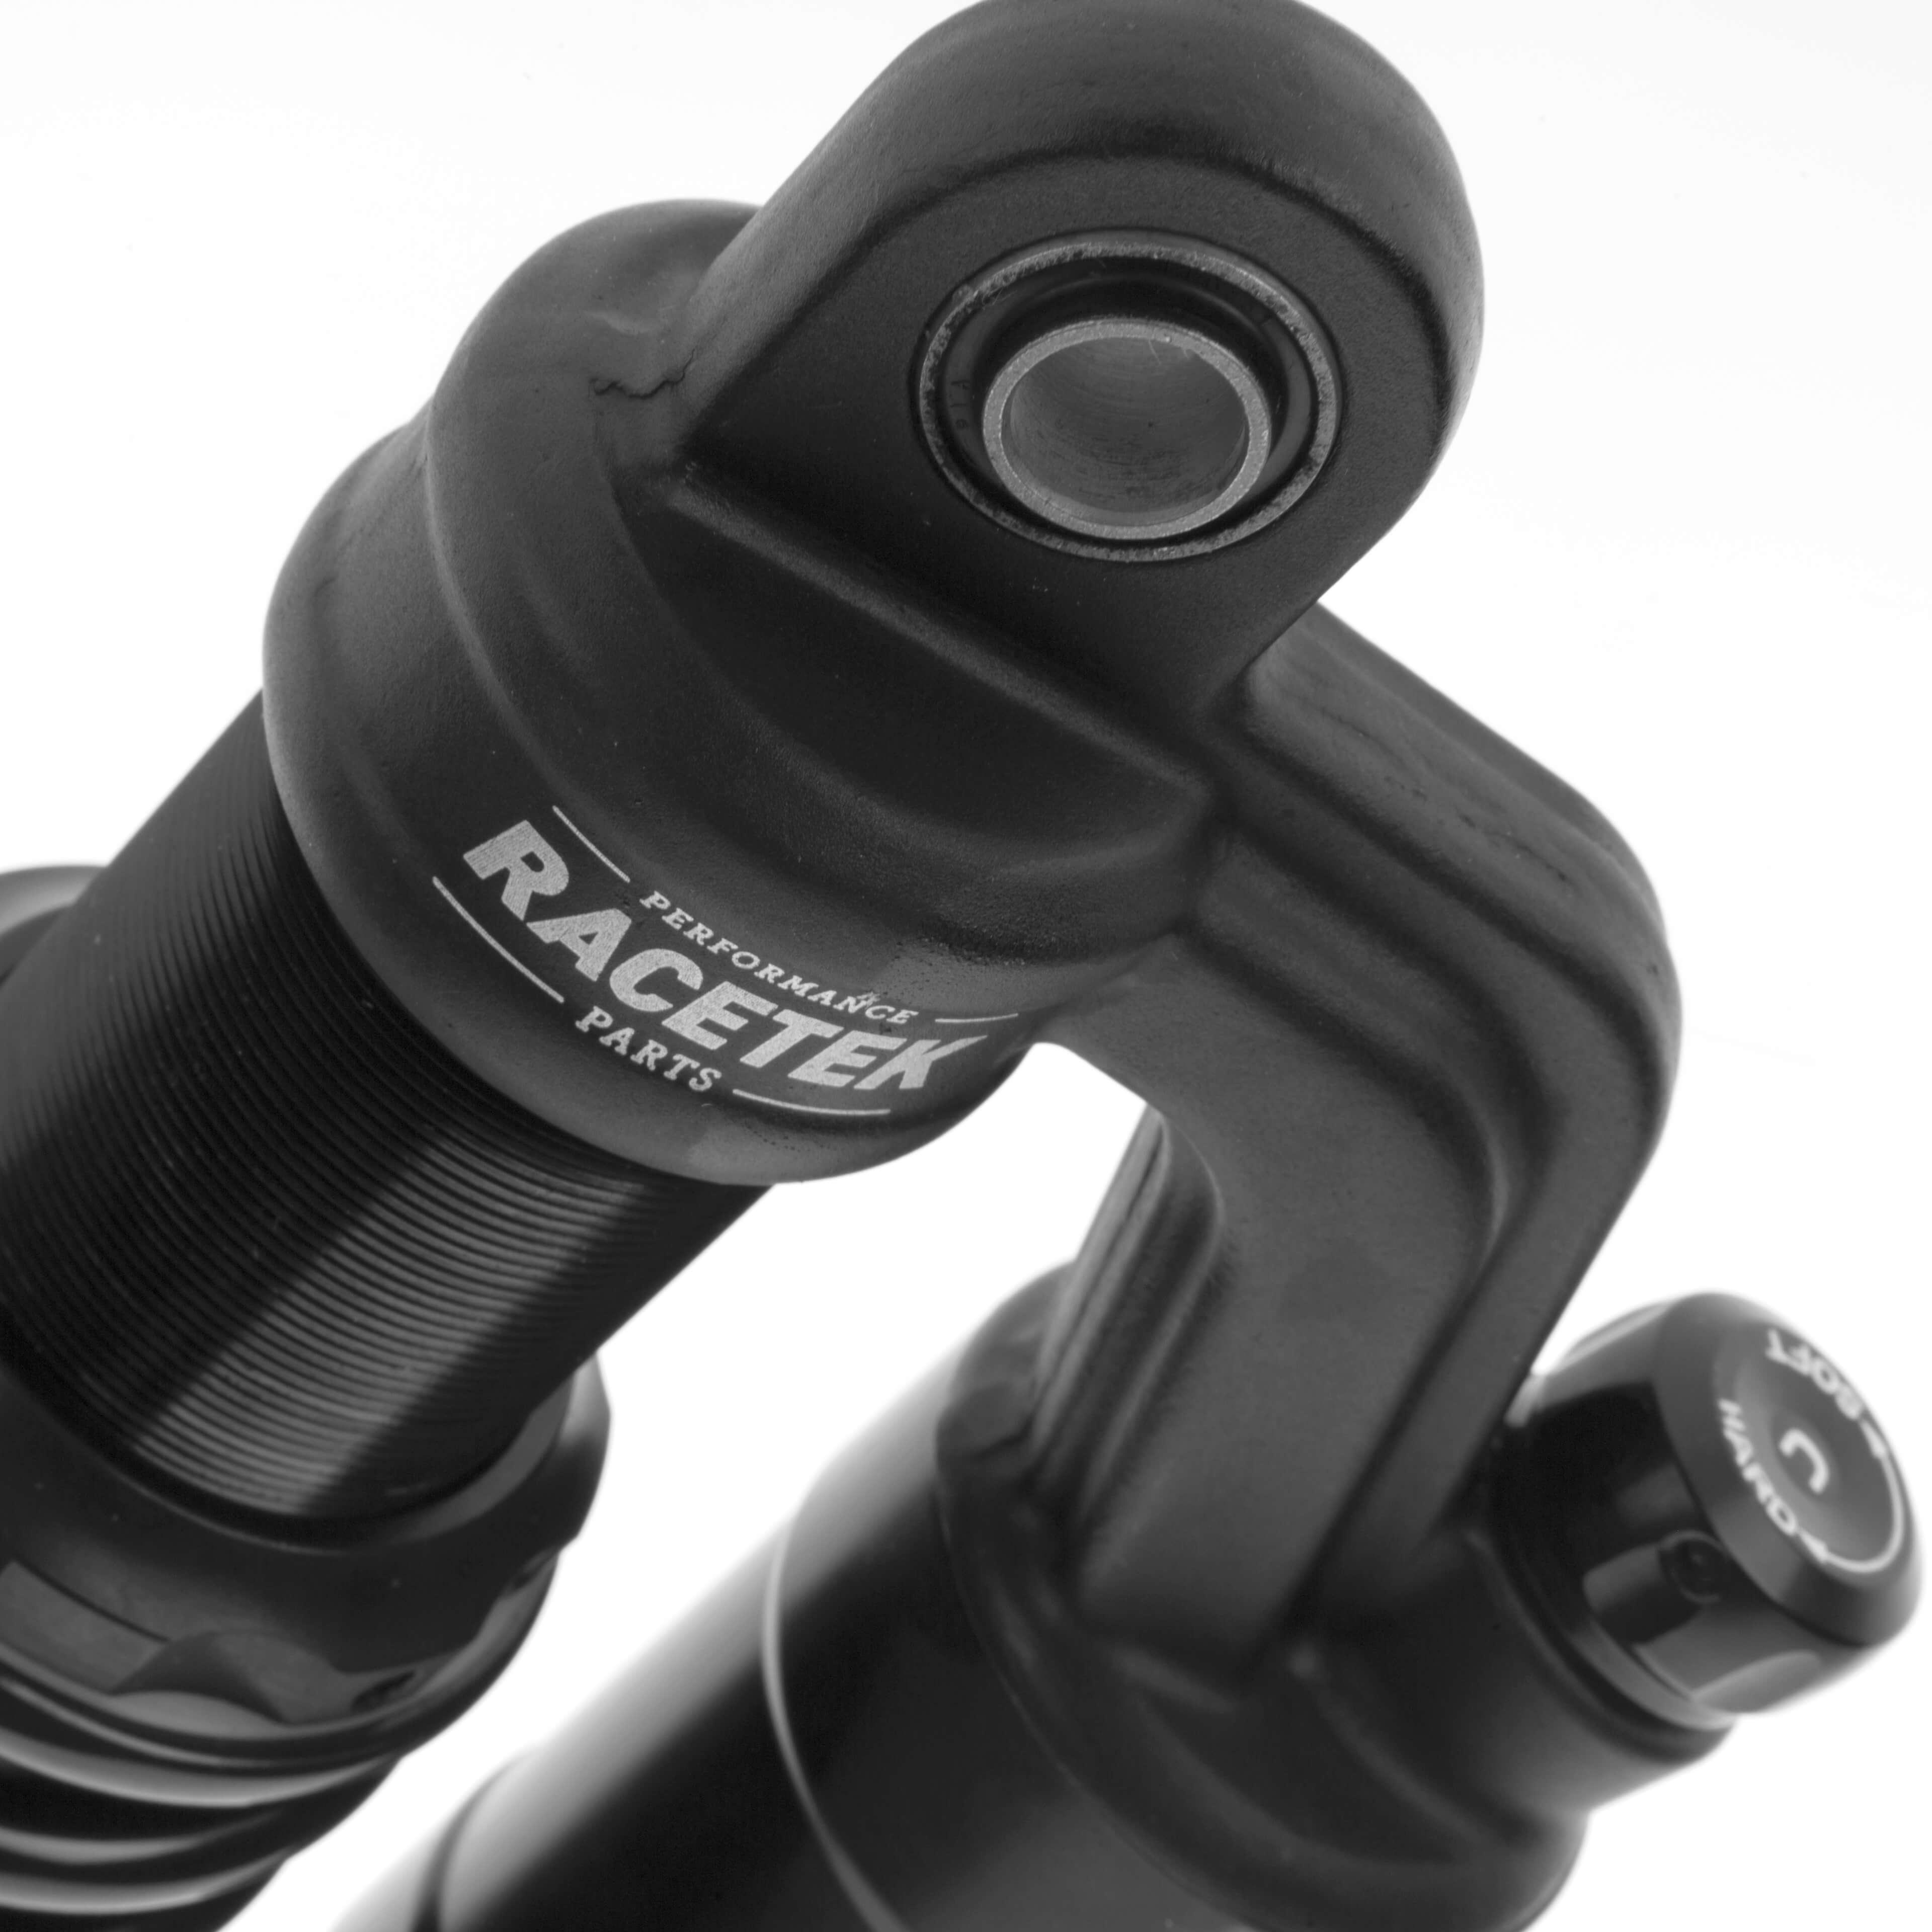 RACETEK Rear Shocks - 125 1